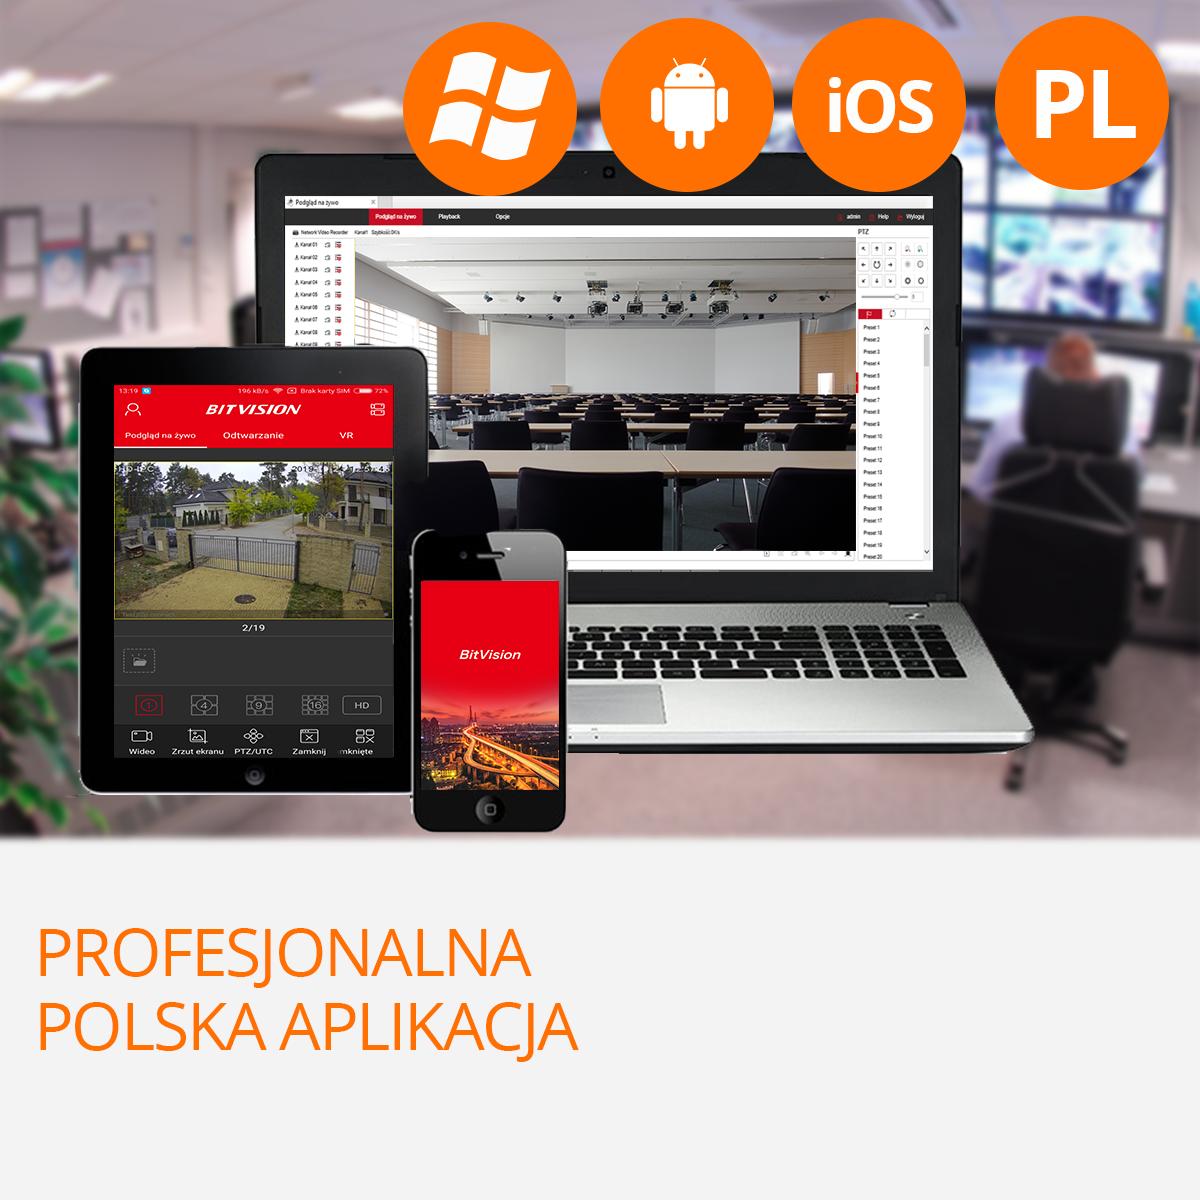 kamera do monitoringu polska aplikacja app orllo.pl